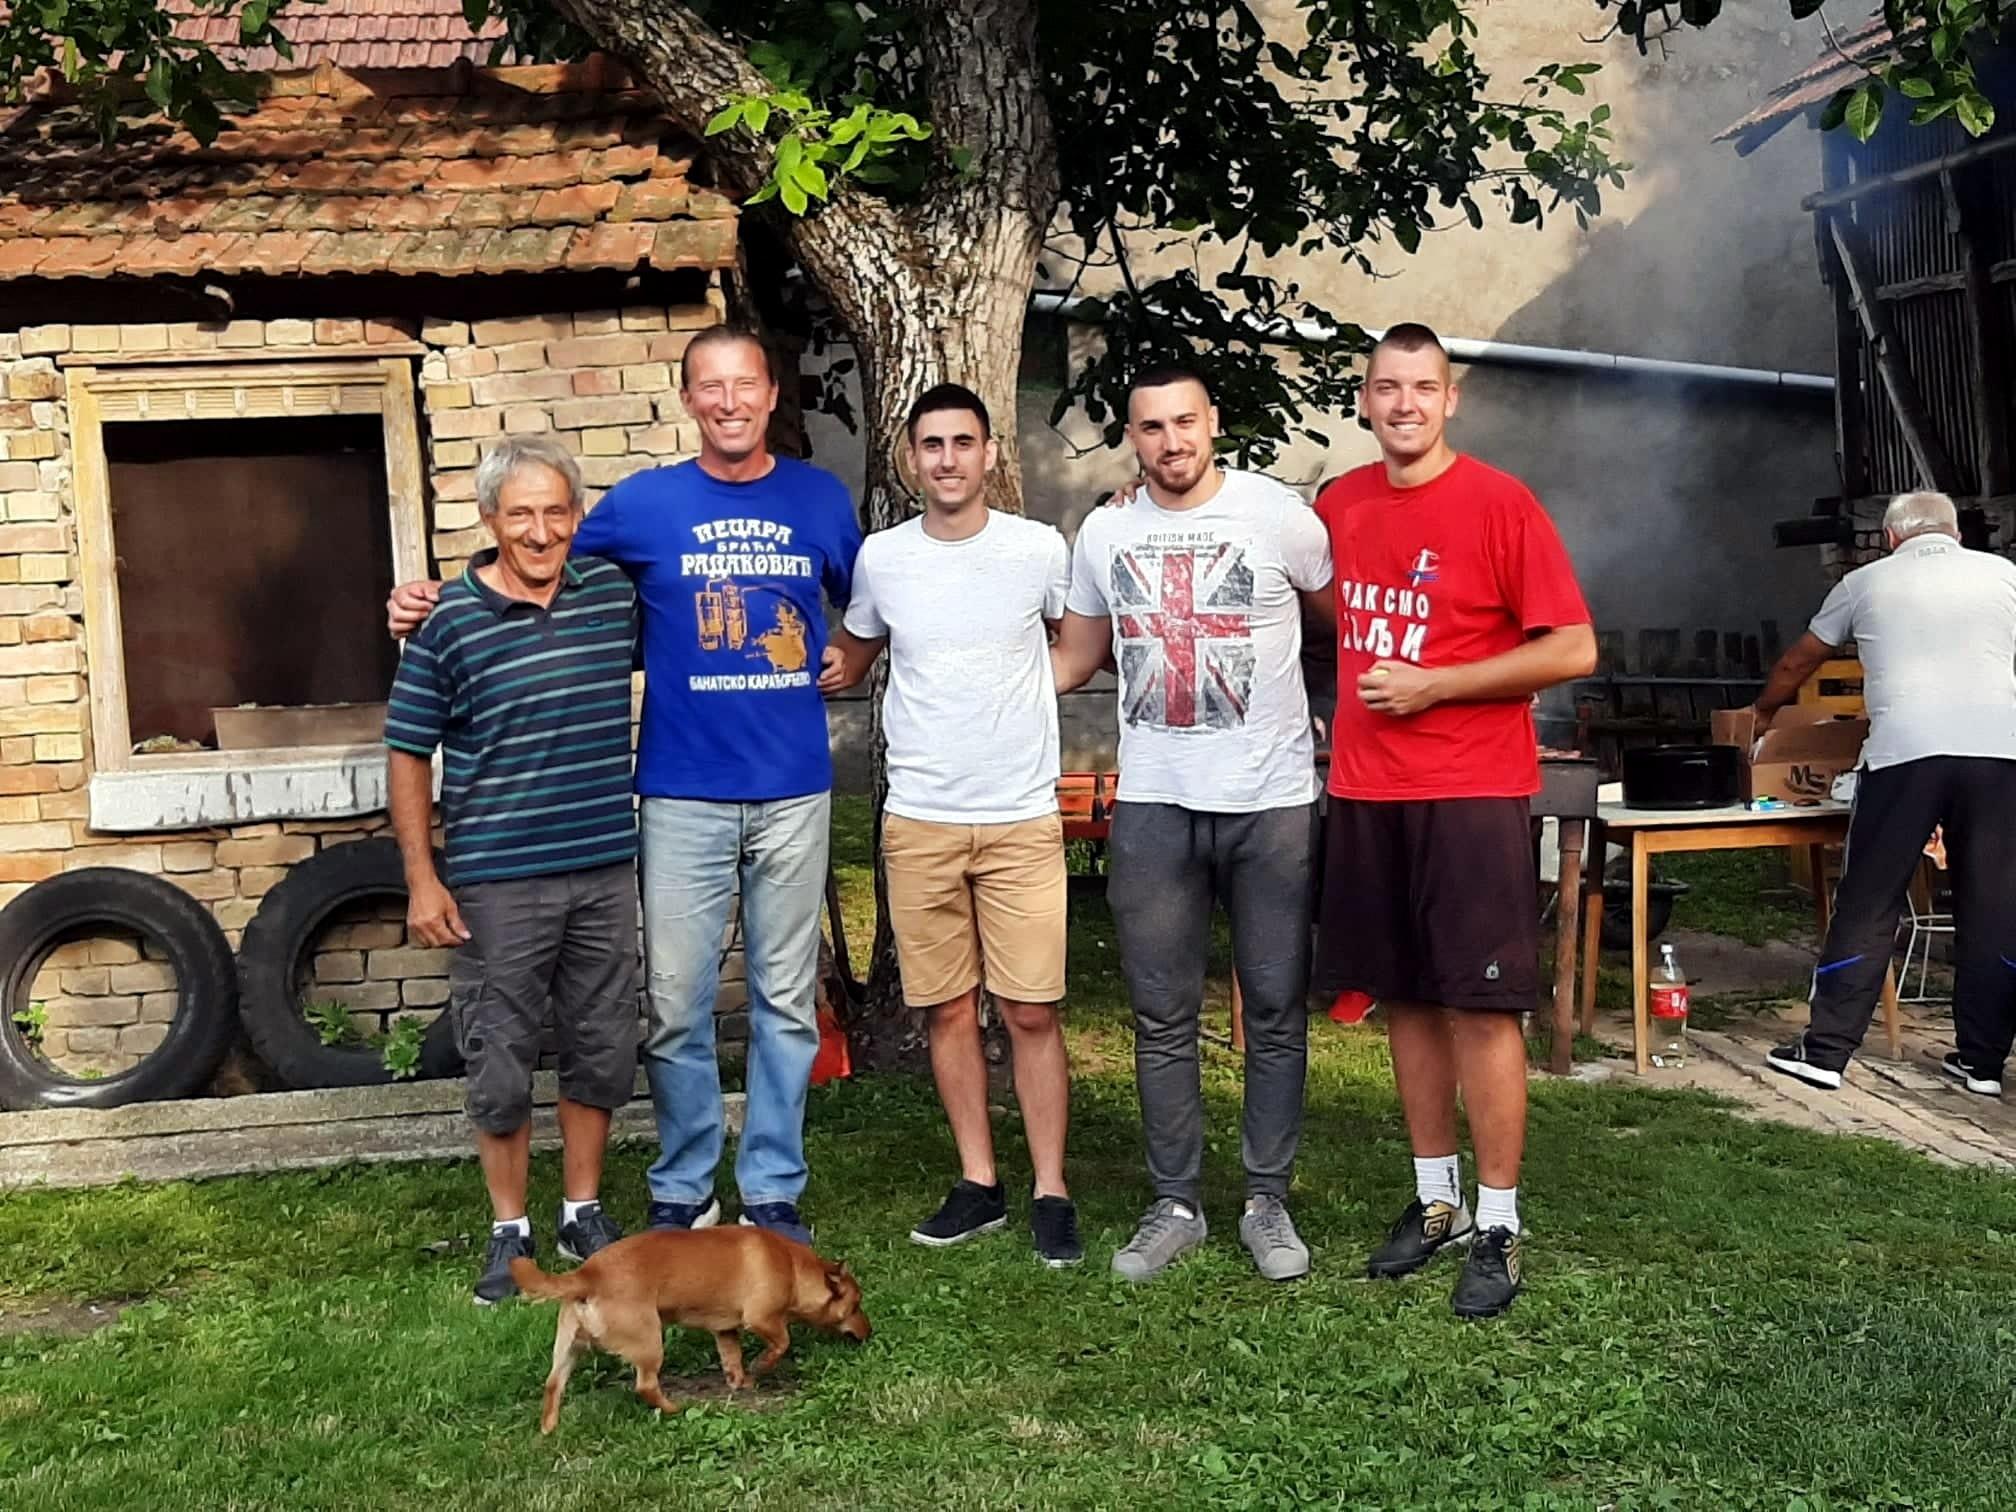 Piknik druženje košarkaša Karađorđeva povodom završetka sezone